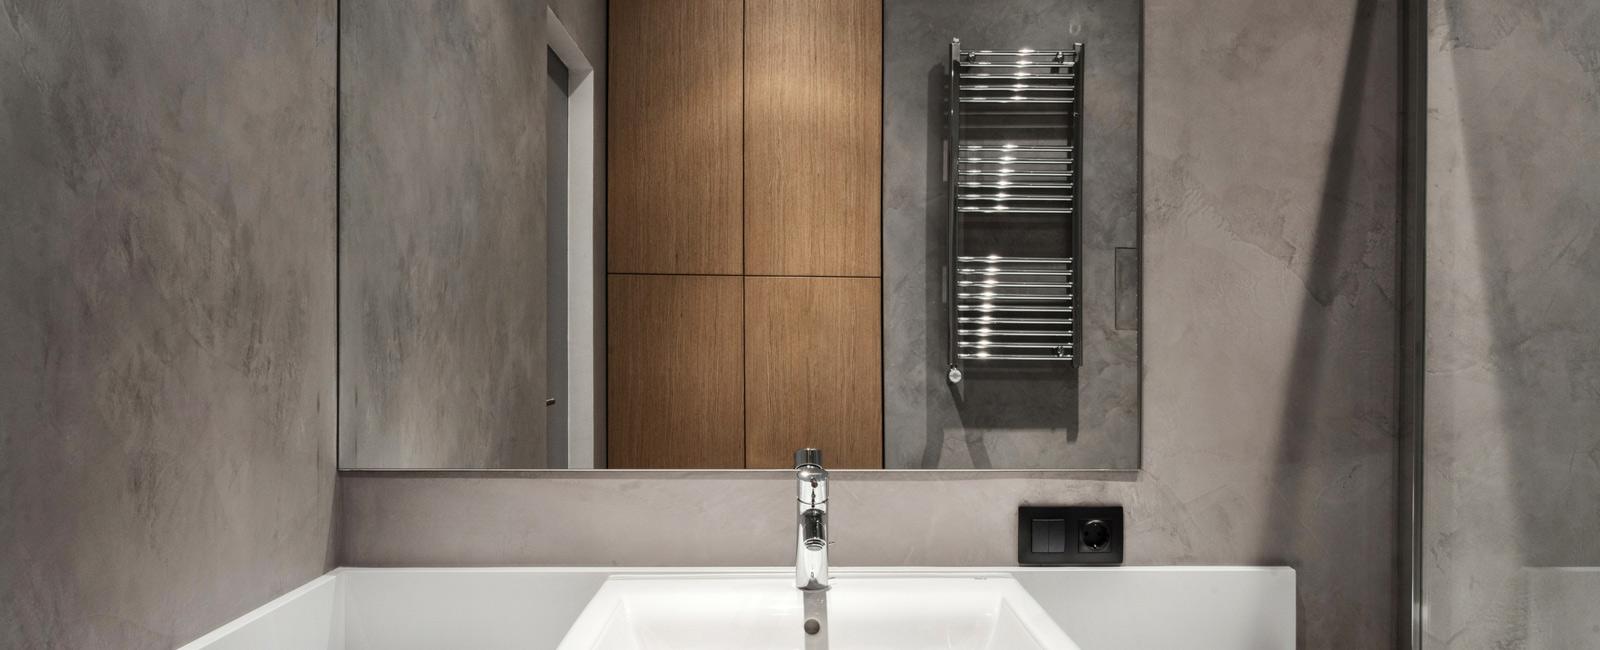 sèche-serviette électrique en inox